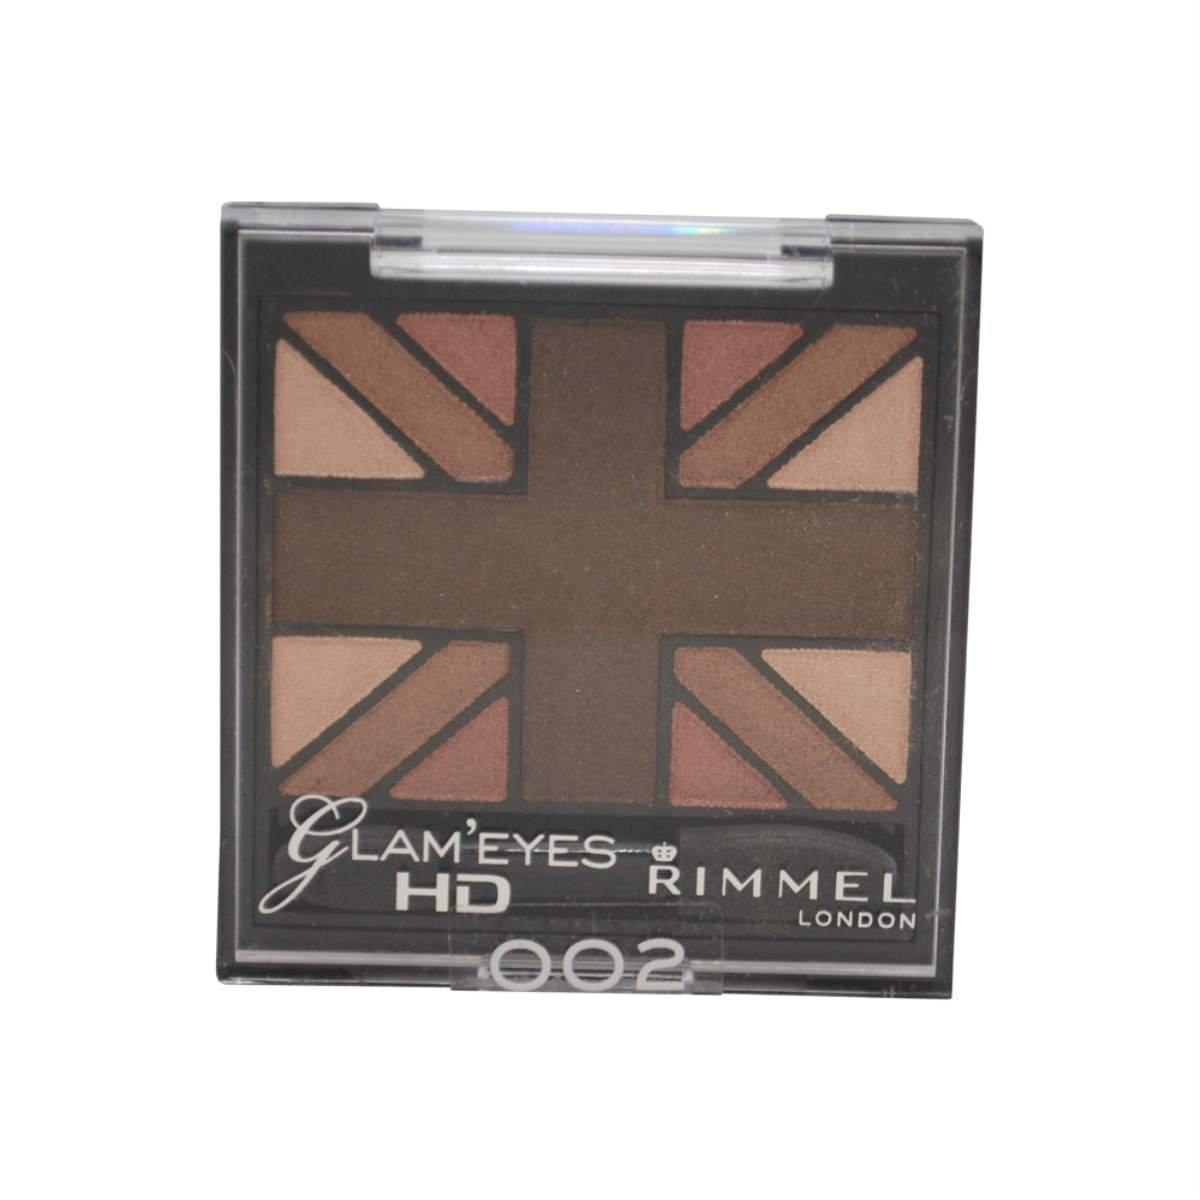 Glam'Eyes HD Quad Eyeshadow Palette - English Oak by Rimmel #13